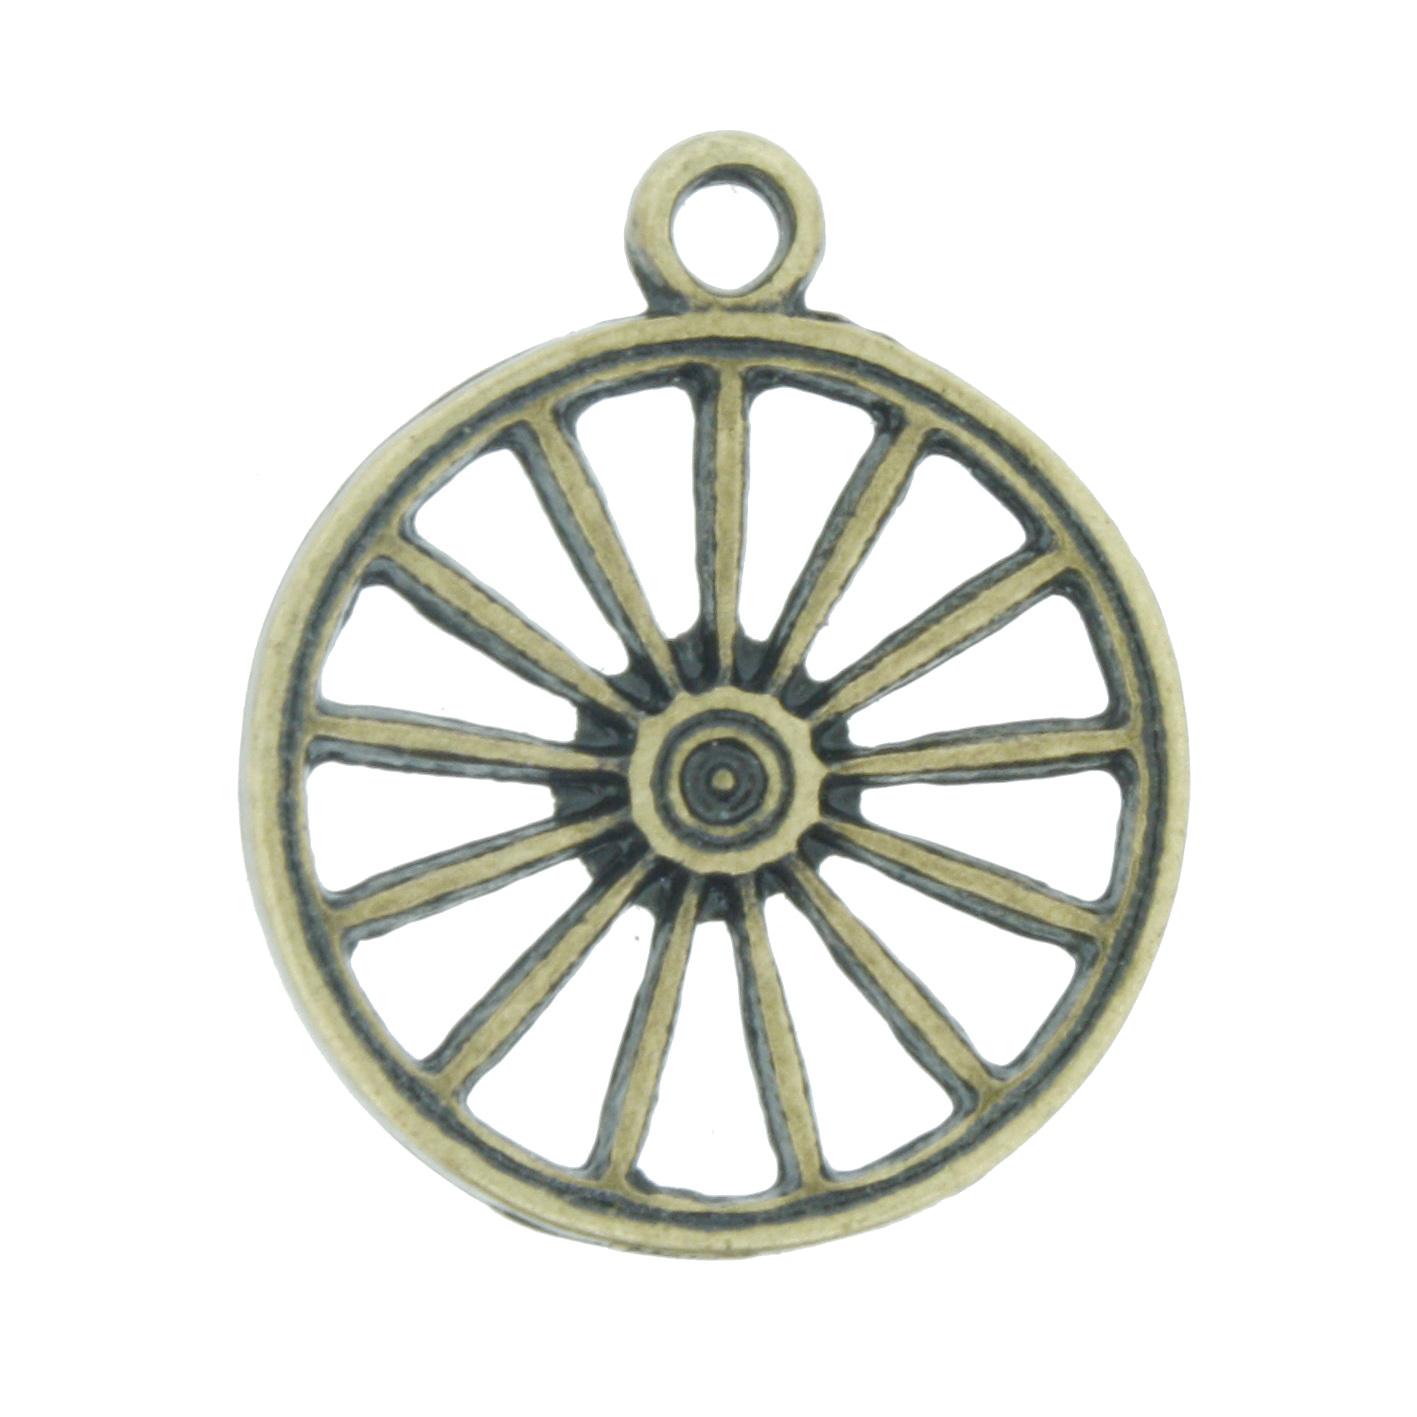 Roda Cigana - Ouro Velho - 23mm  - Universo Religioso® - Artigos de Umbanda e Candomblé